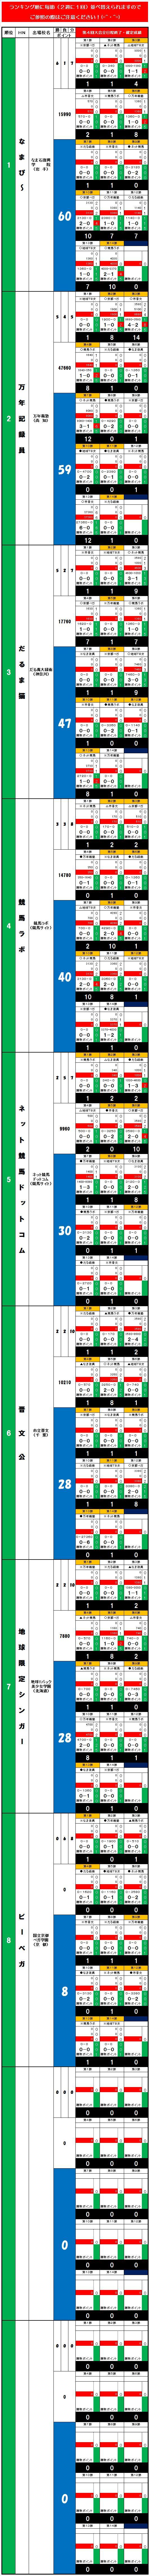 20140608・ダルマンリーグ第4回大会☆個人成績データ.jpg